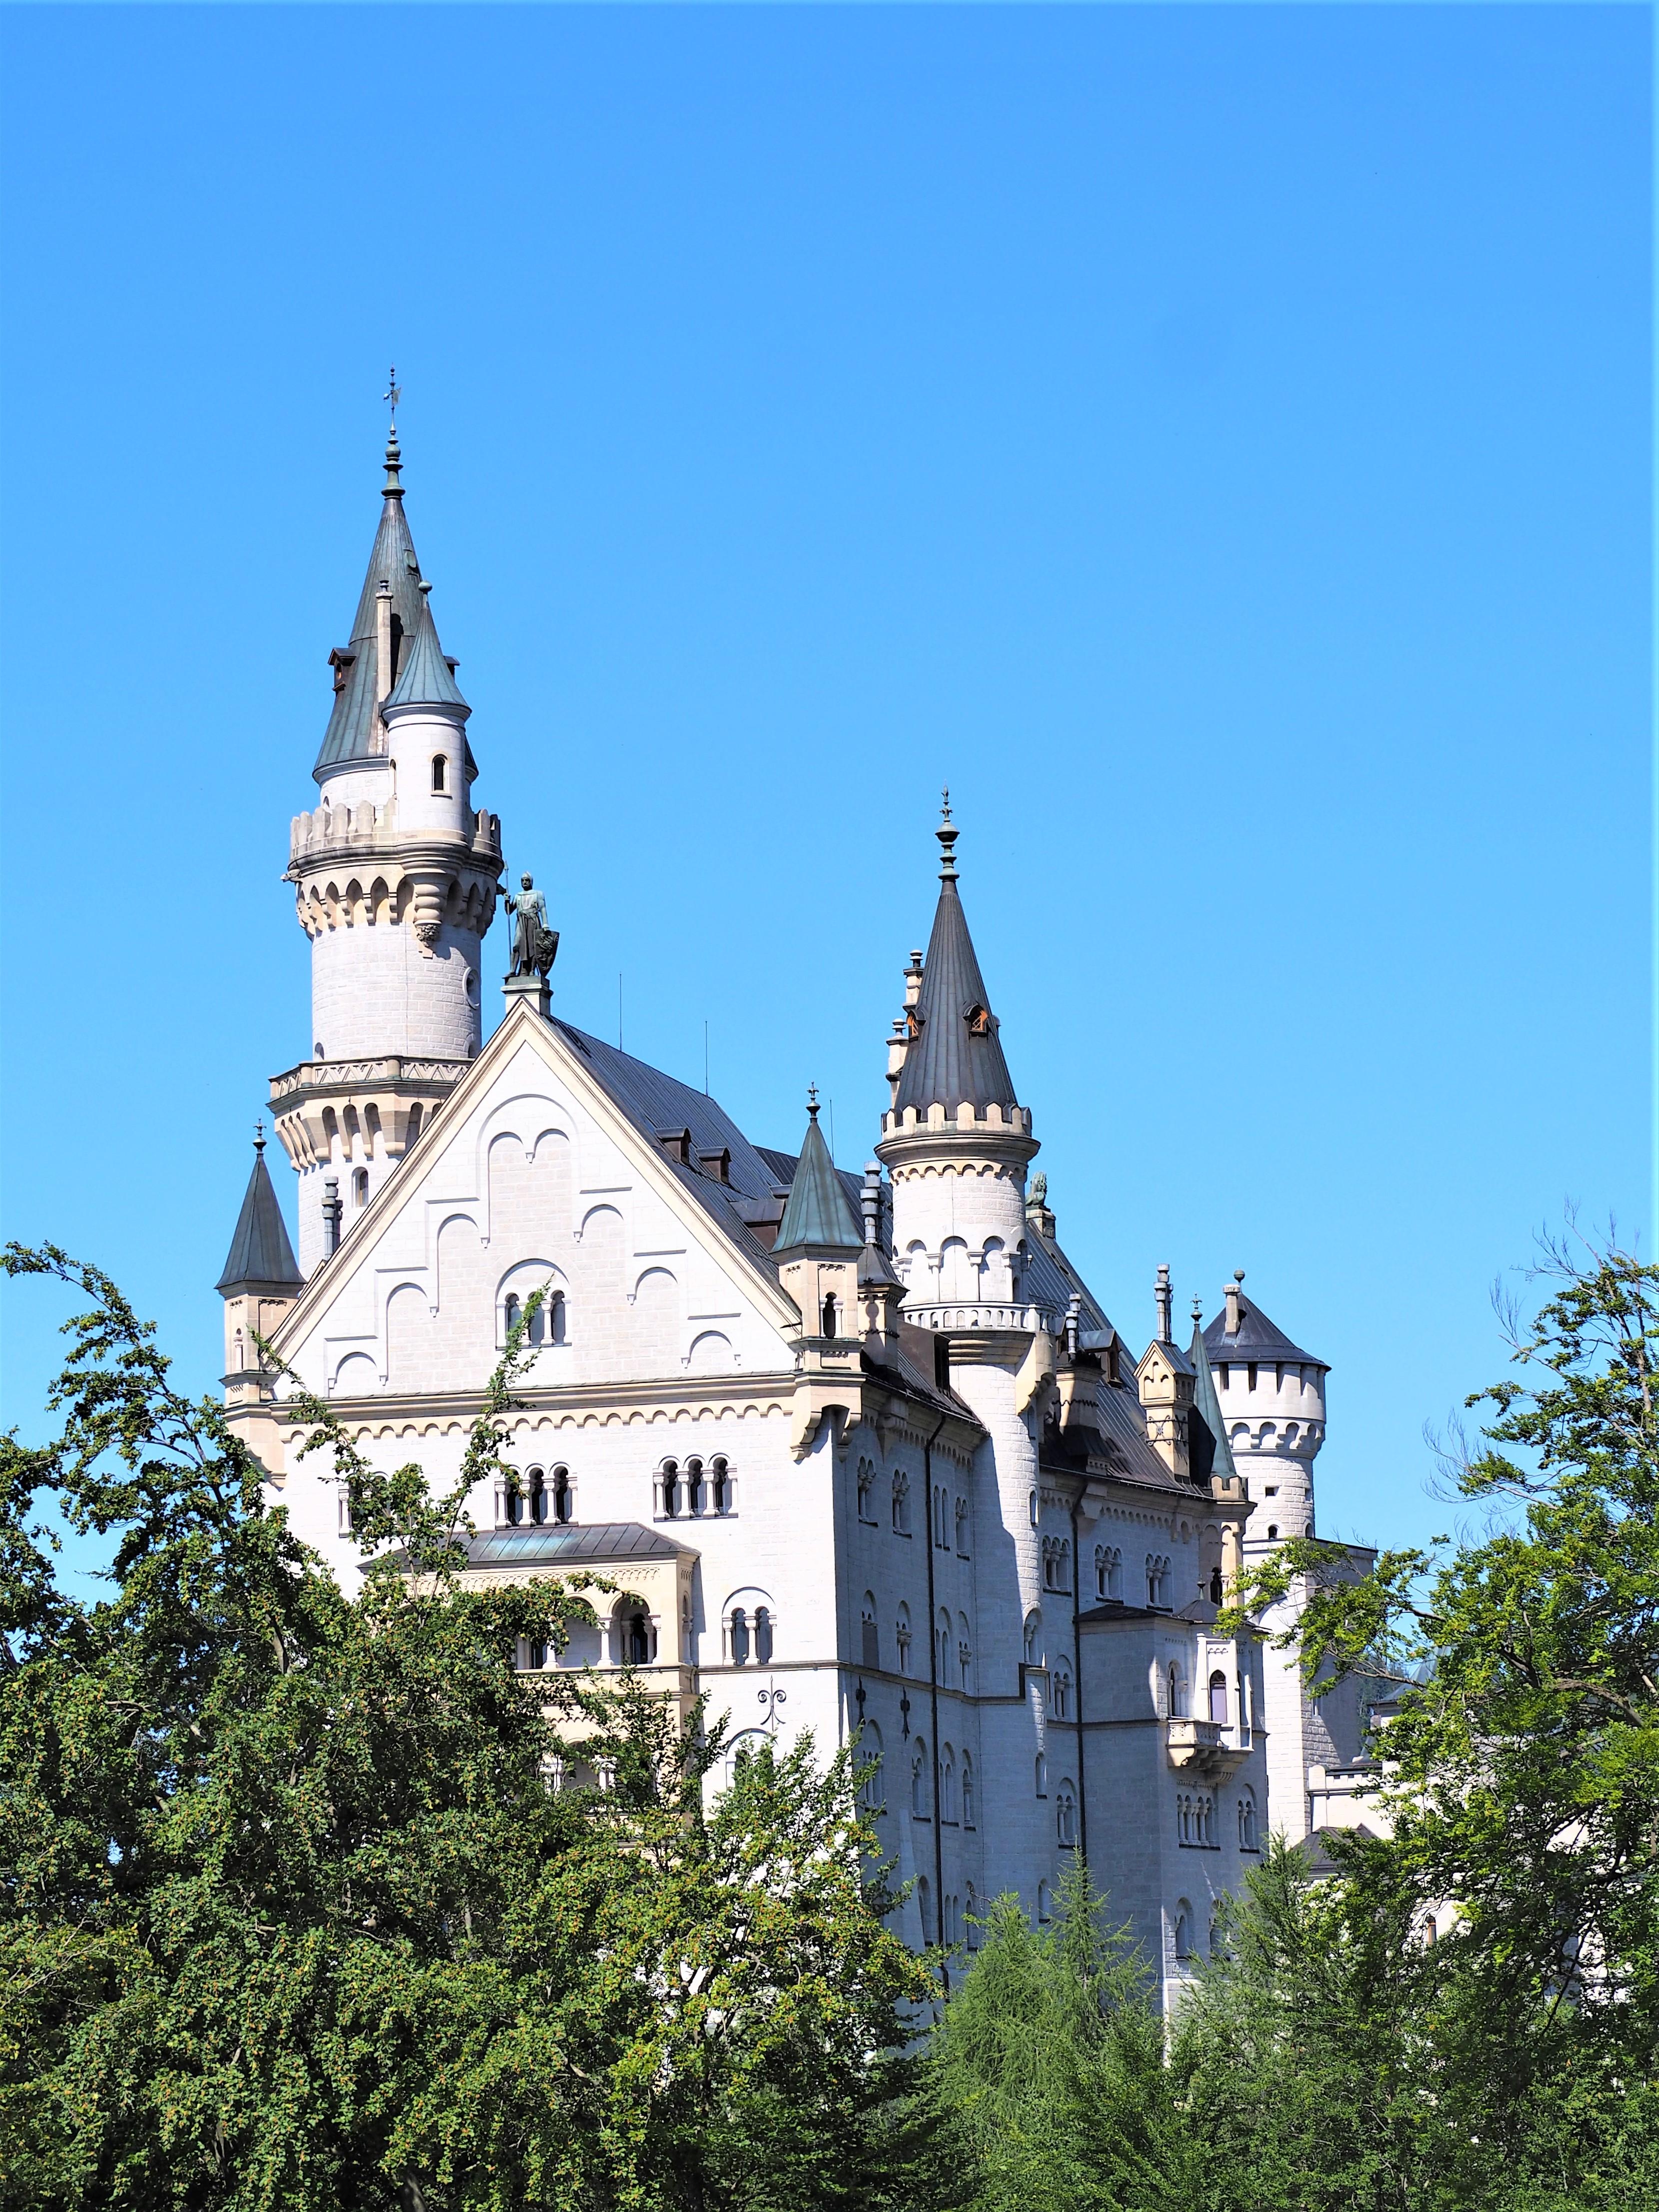 chateau-de-Neuschwanstein-Allemagne-Baviere-blog-voyage-clioandco.j